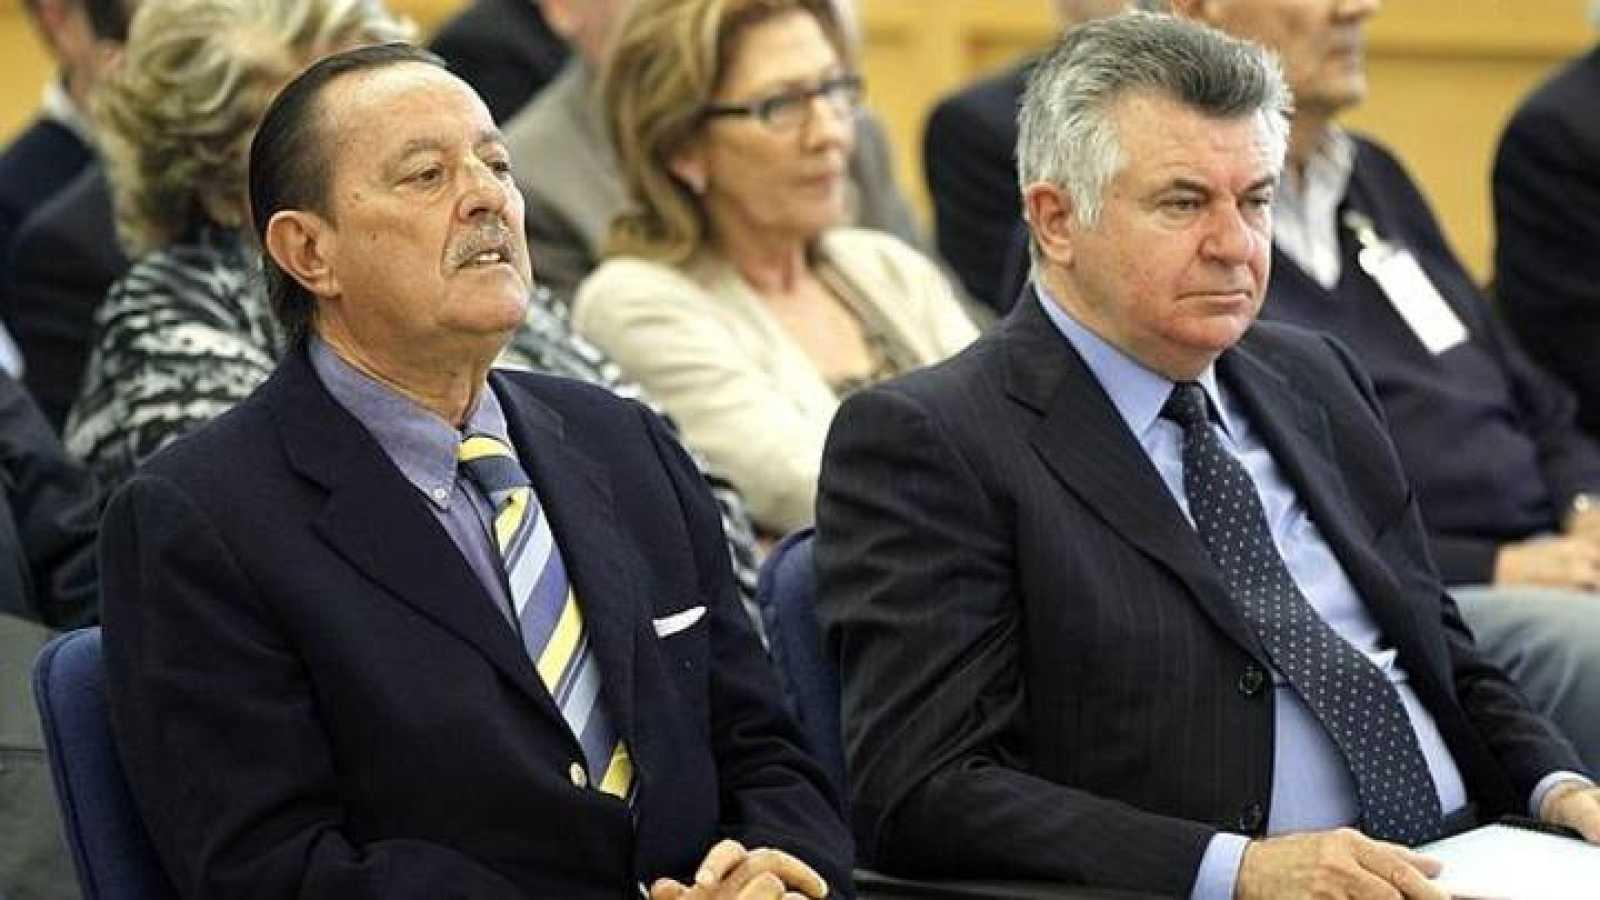 Julián Muñoz, exalcalde de Marbella, y Juan Antonio Roca, exconcejal de Urbanismo.